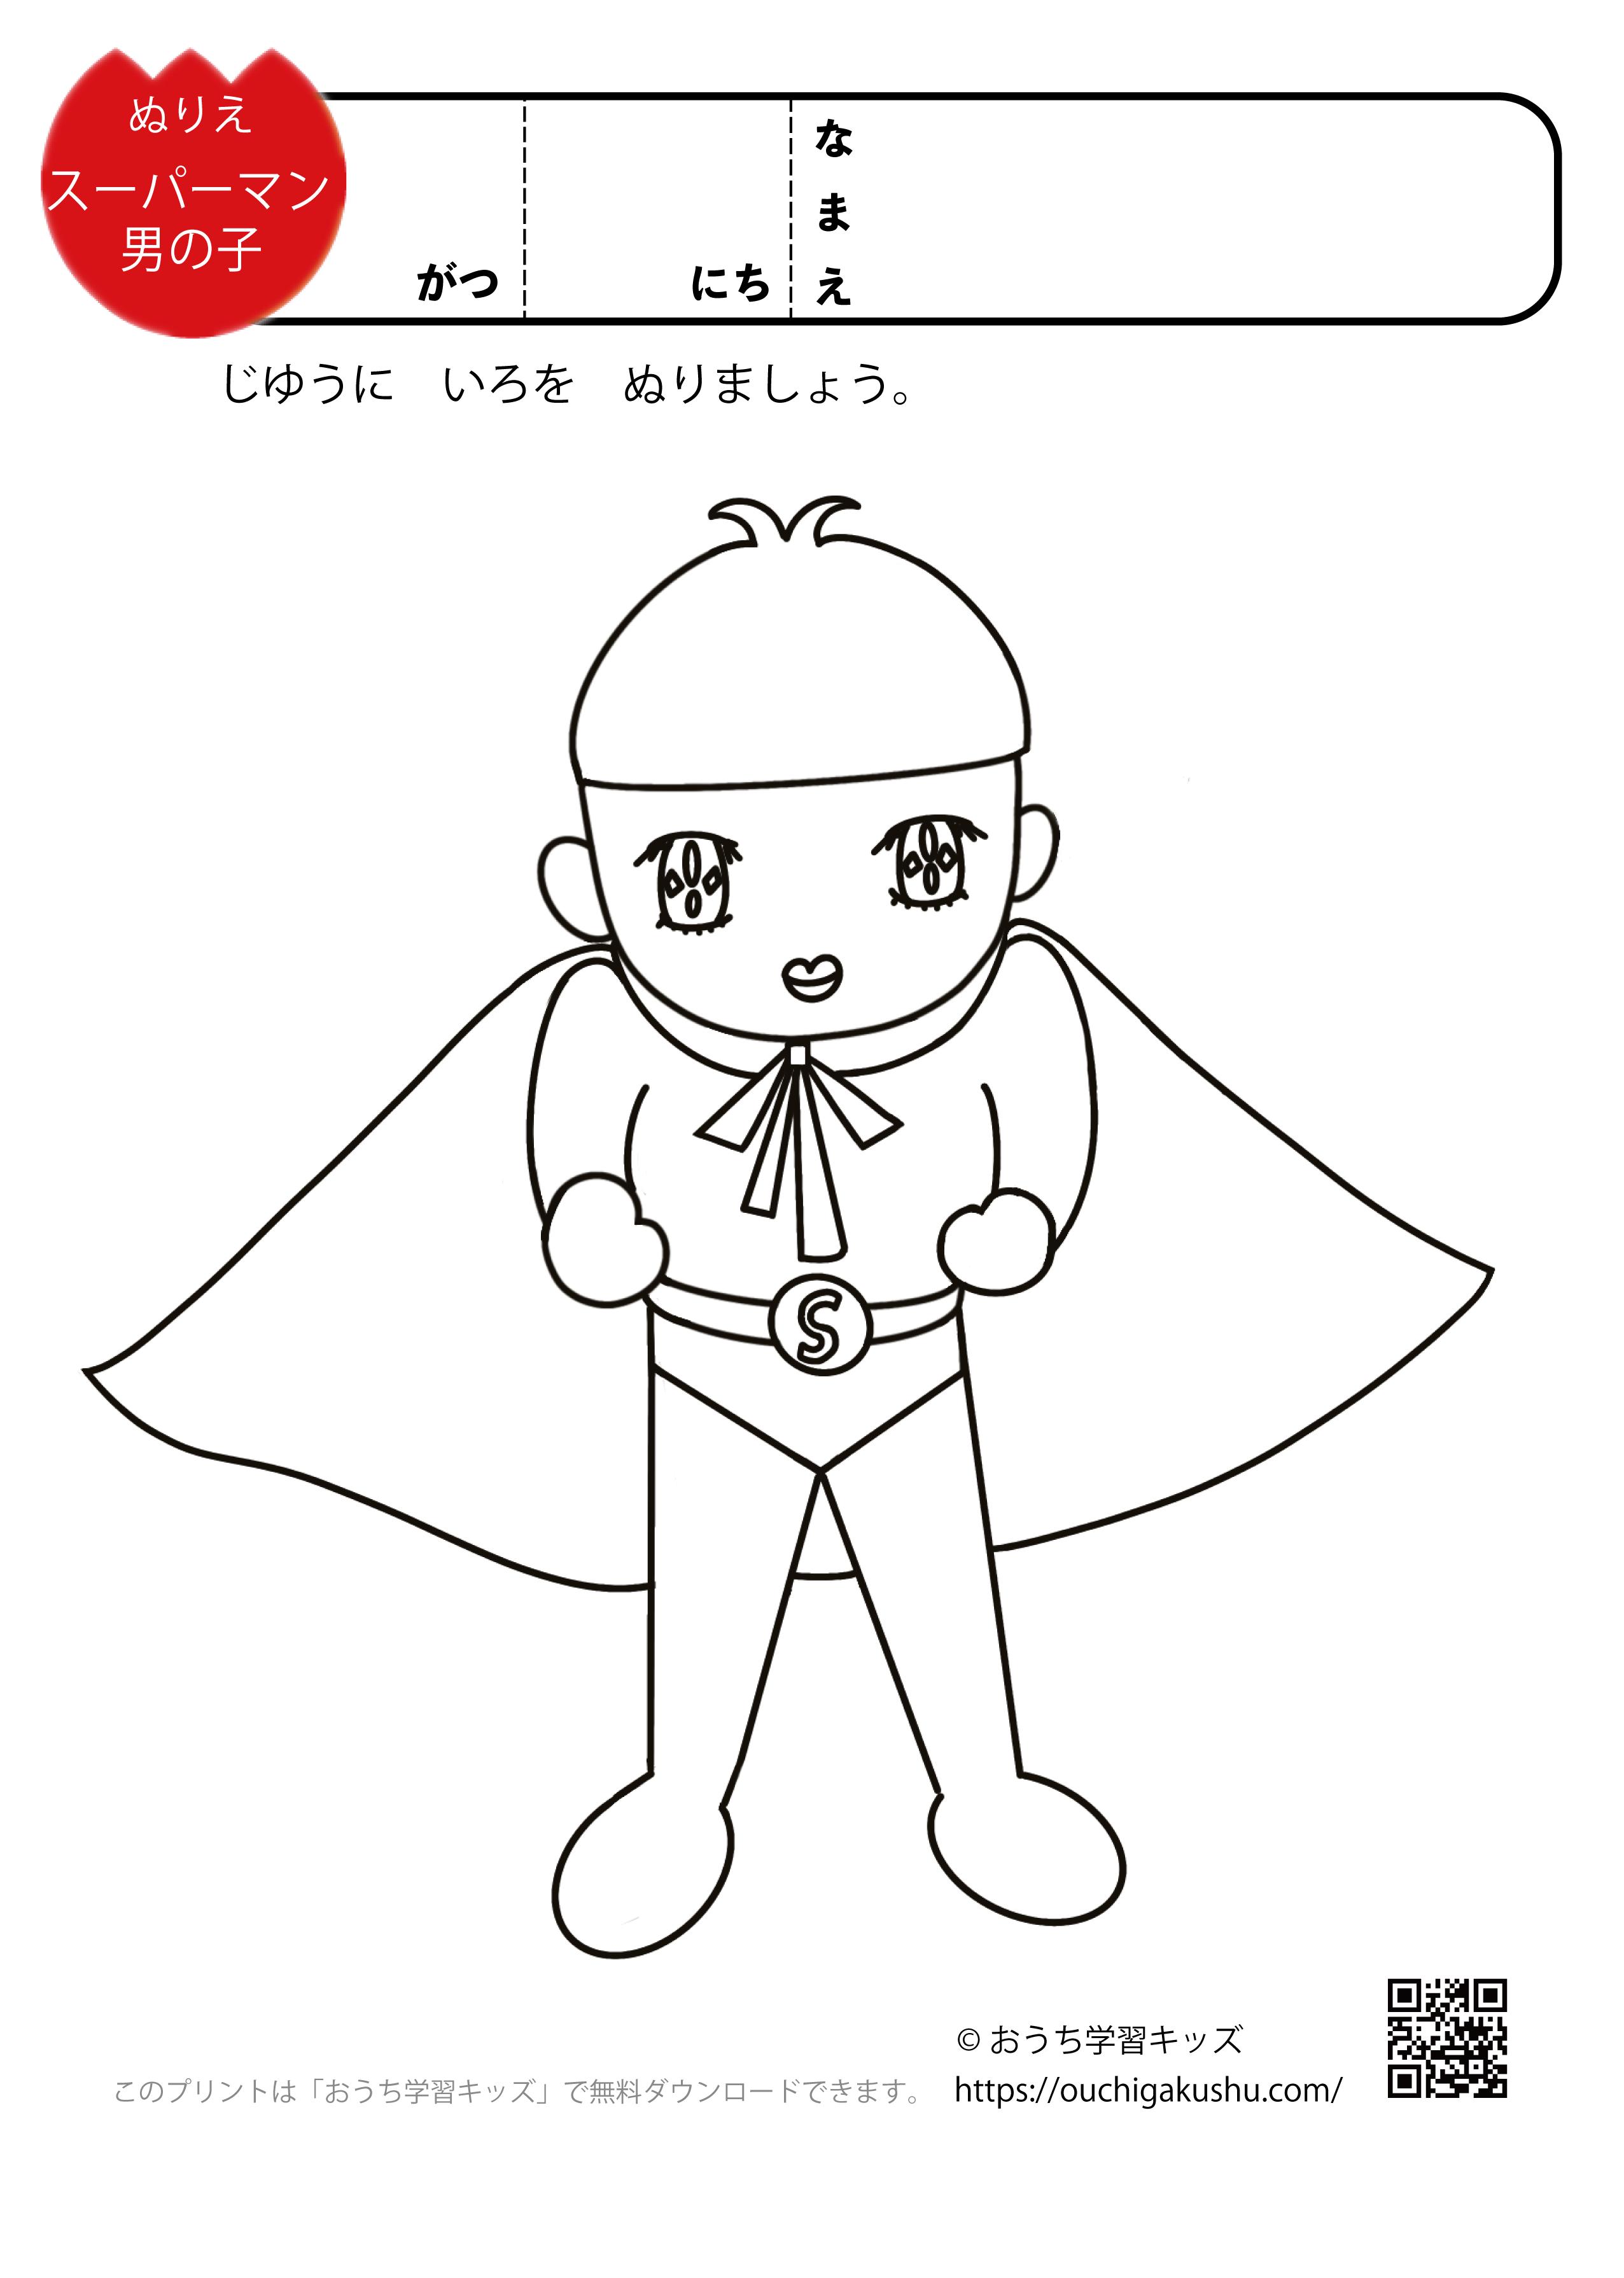 無料ぬりえプリント「スーパーマン(ヒーロー)になりきる男の子」